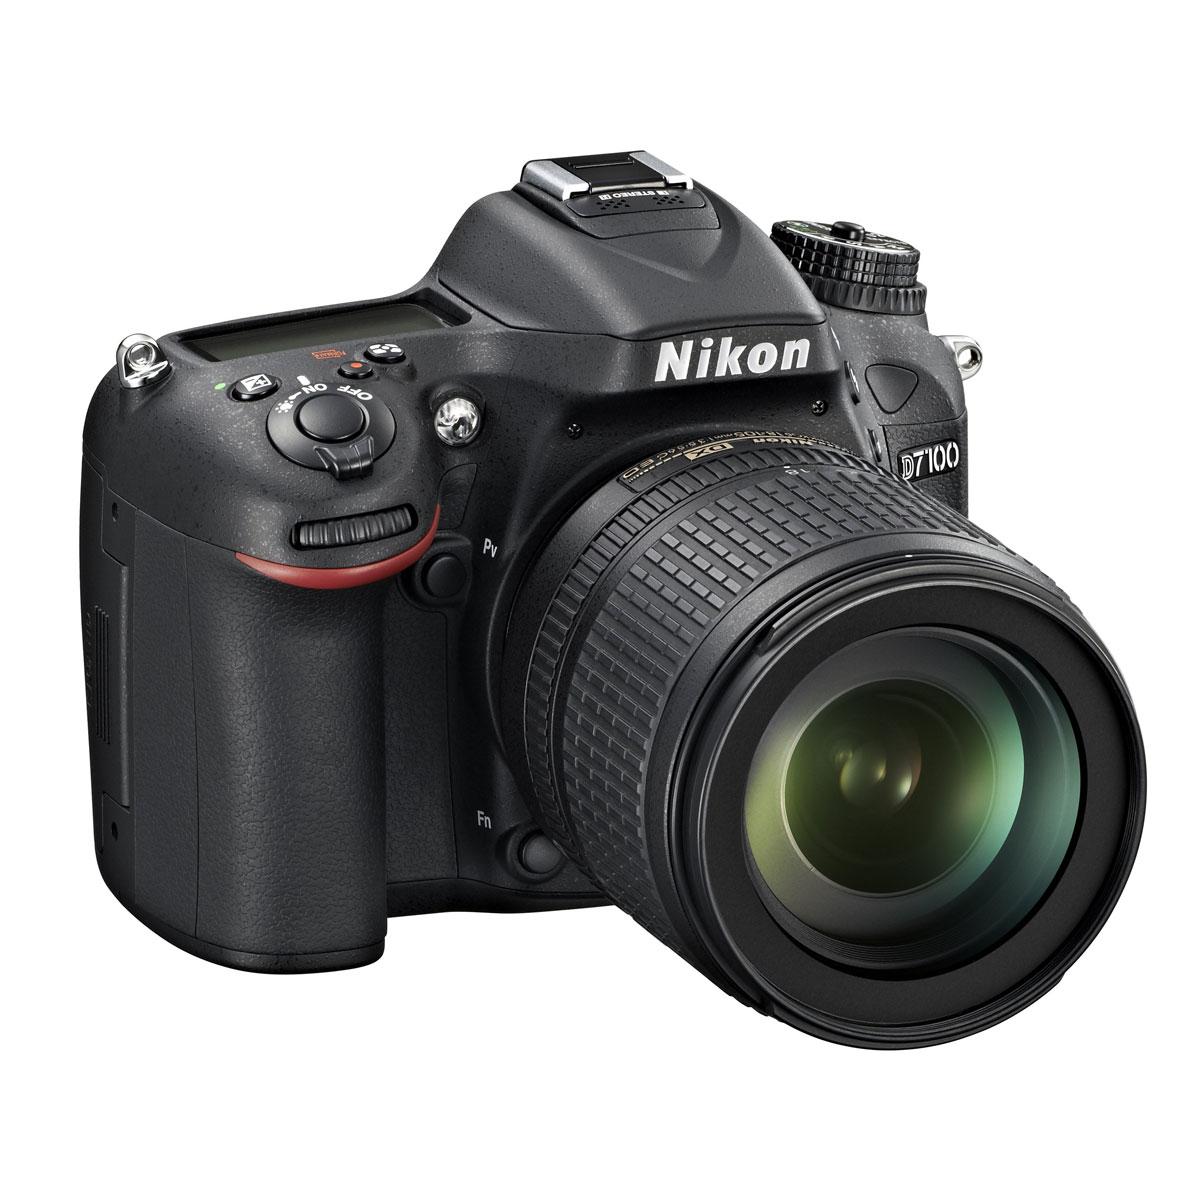 """Appareil photo Reflex Nikon D7100 + Objectif VR 18-105 mm Réflex Numérique 24.1 MP - Ecran 3.2"""" - Vidéo Full HD + Objectif AF-S DX NIKKOR 18-105 mm f/3.5-5.6G ED VR"""